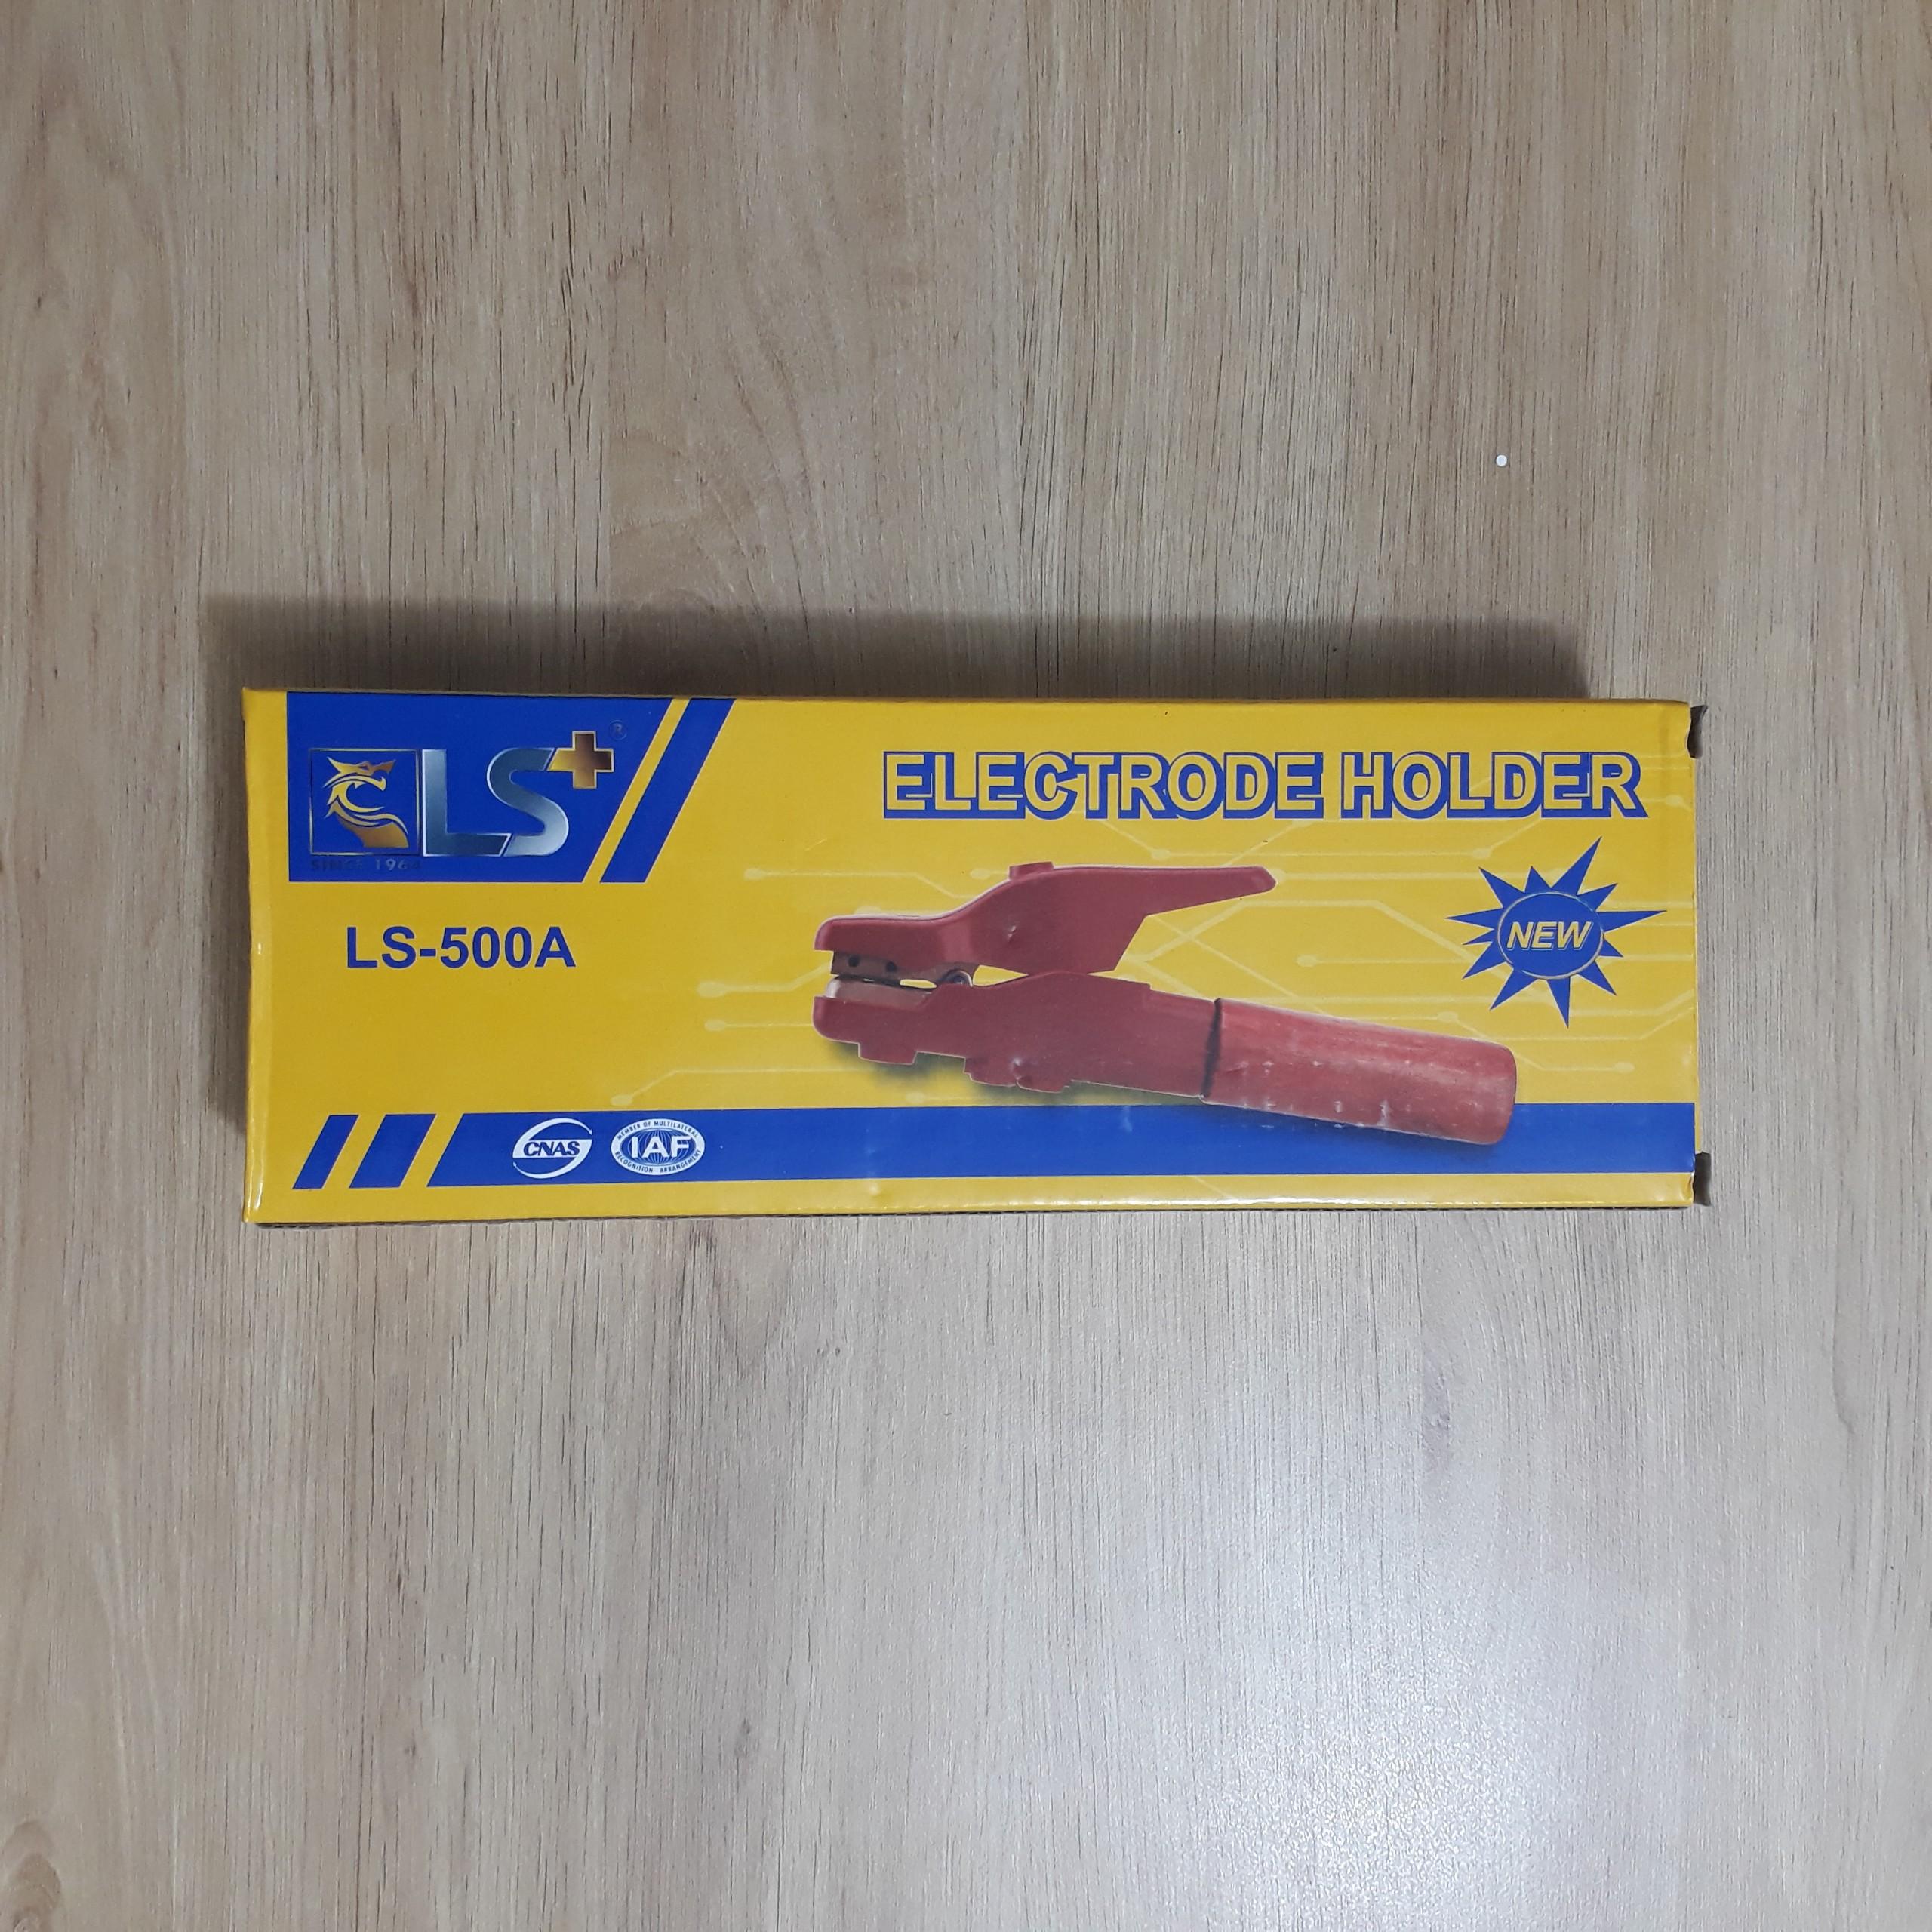 Kìm hàn cán gỗ LS-500A LS+ LS-500A LS | Giá rẻ nhất - Công Ty TNHH Thương Mại Dịch Vụ Đạt Tâm